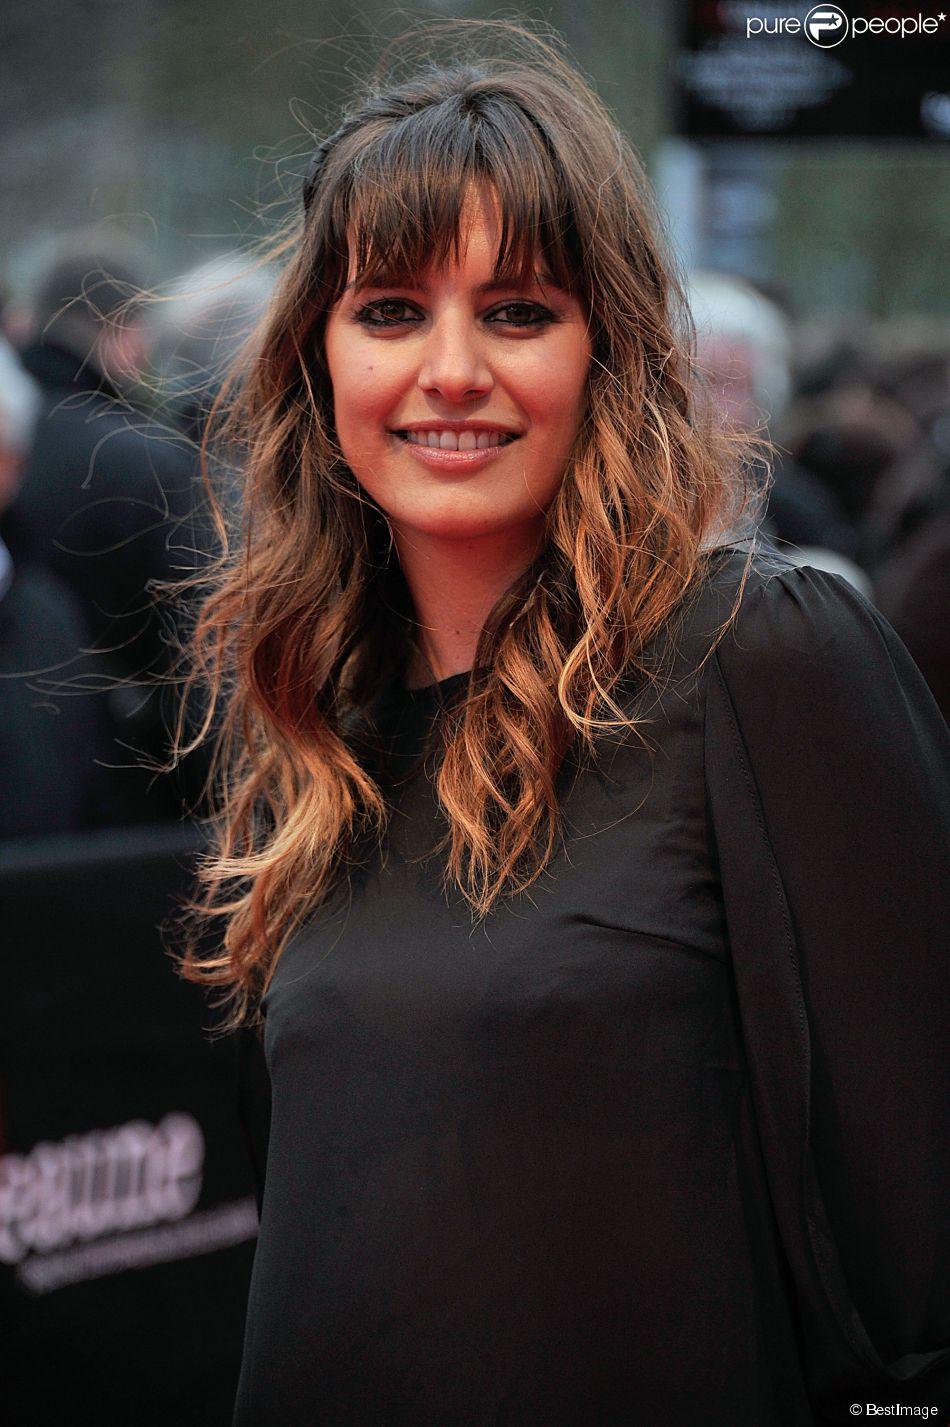 Laetitia Milot sur le tapis rouge du 5e Festival International du Film Policier de Beaune le 6 avril 2013.